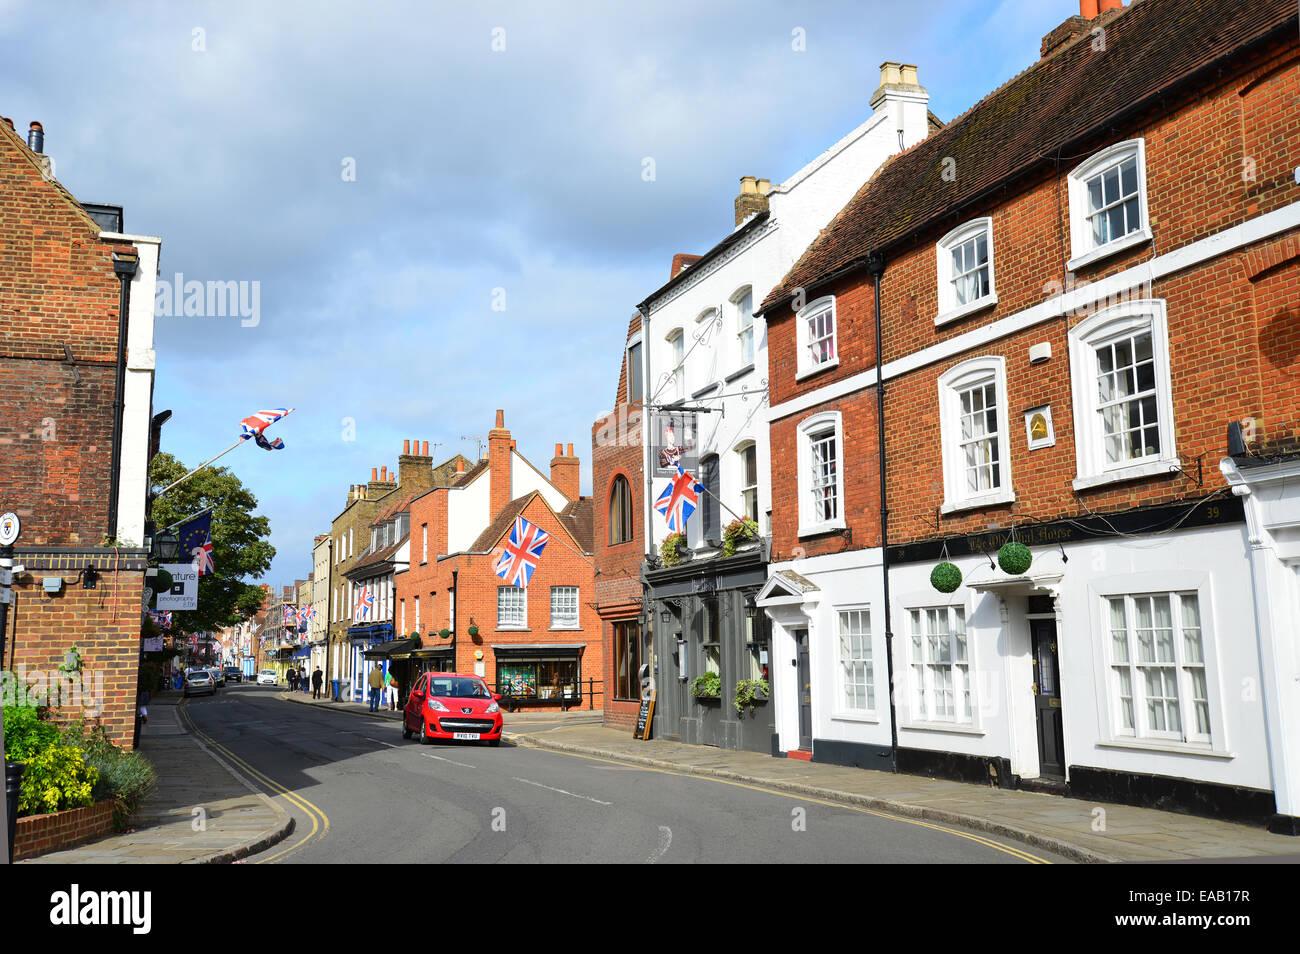 Eton High Street, Eton, Berkshire, England, United Kingdom - Stock Image